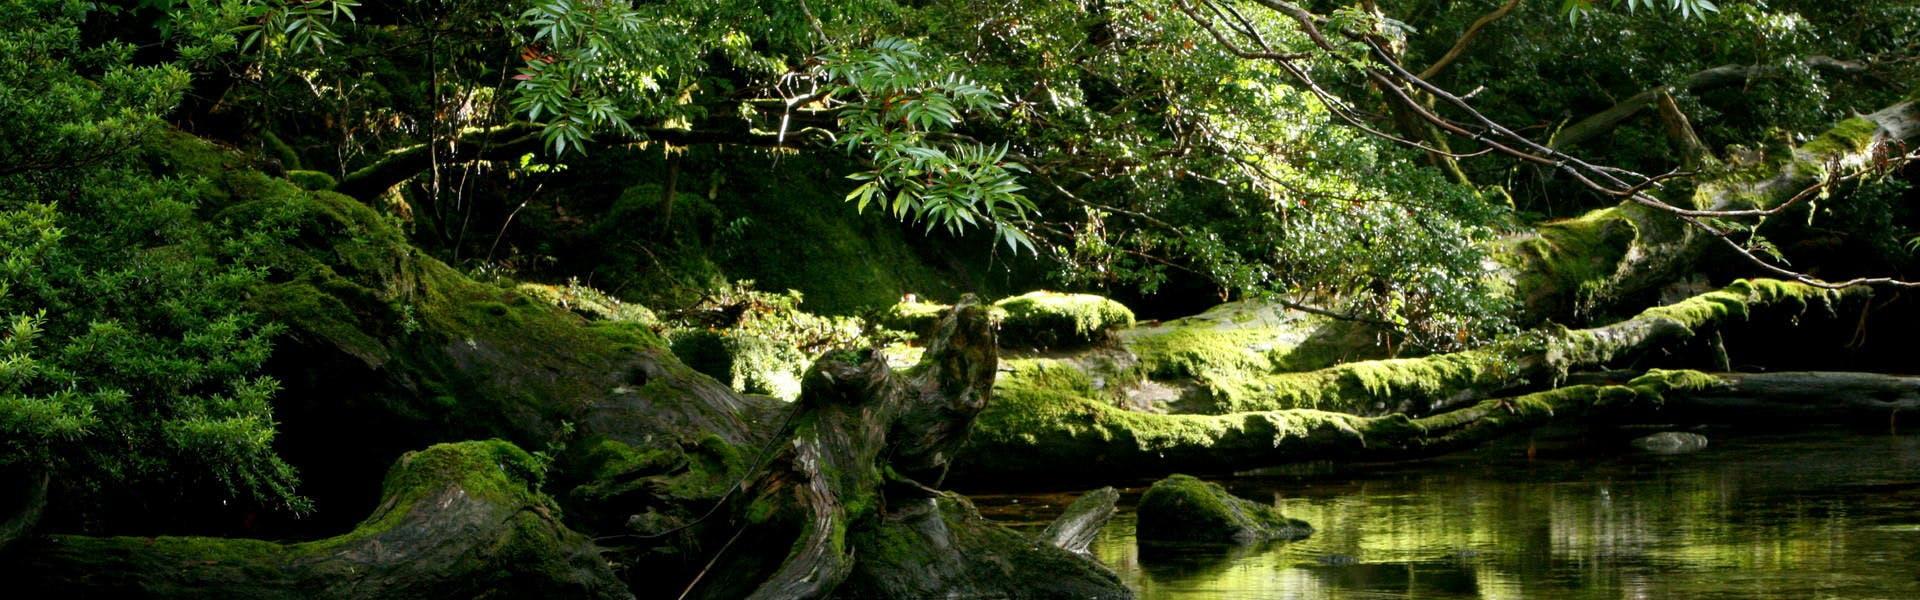 屋久島の画像 p1_28